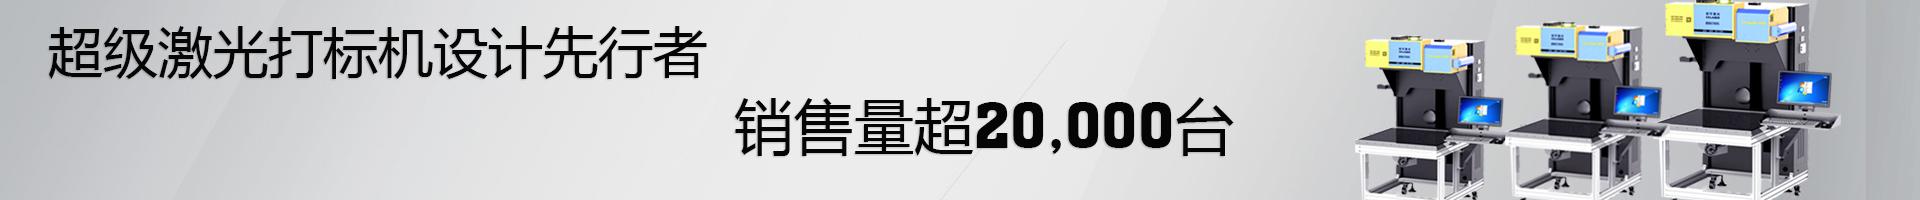 banner-超打-1920.jpg